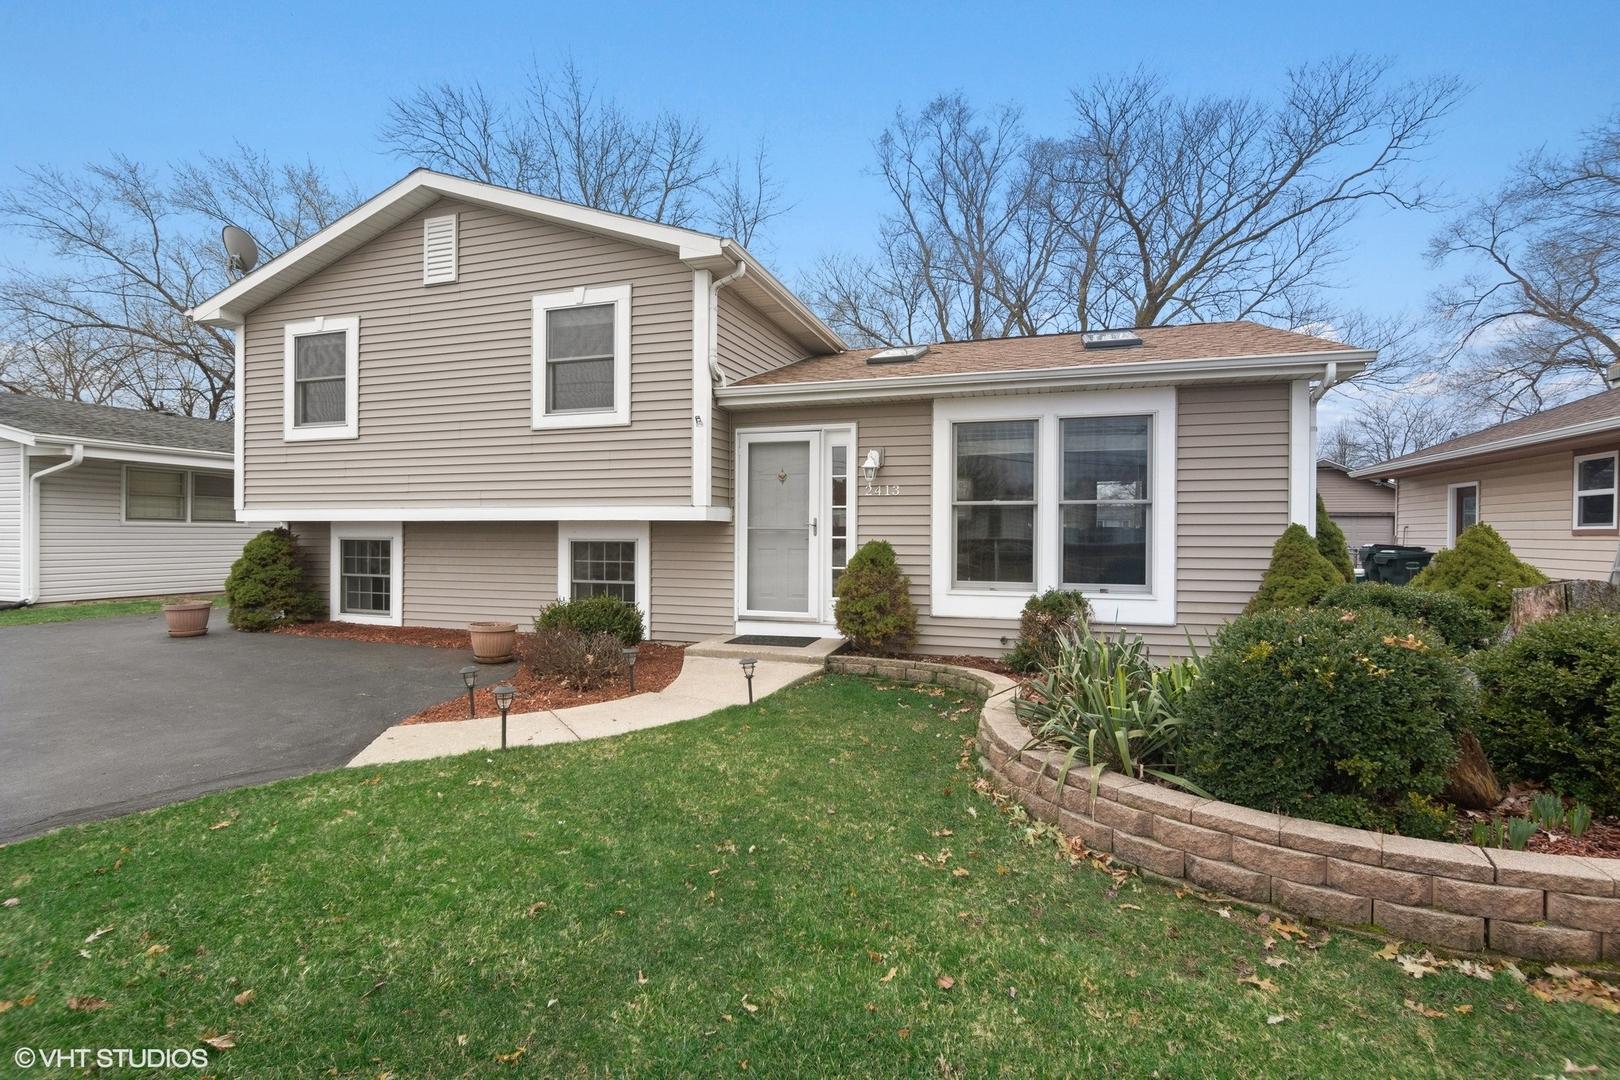 2413 East Sand Lake Road, Lindenhurst, Illinois 60046